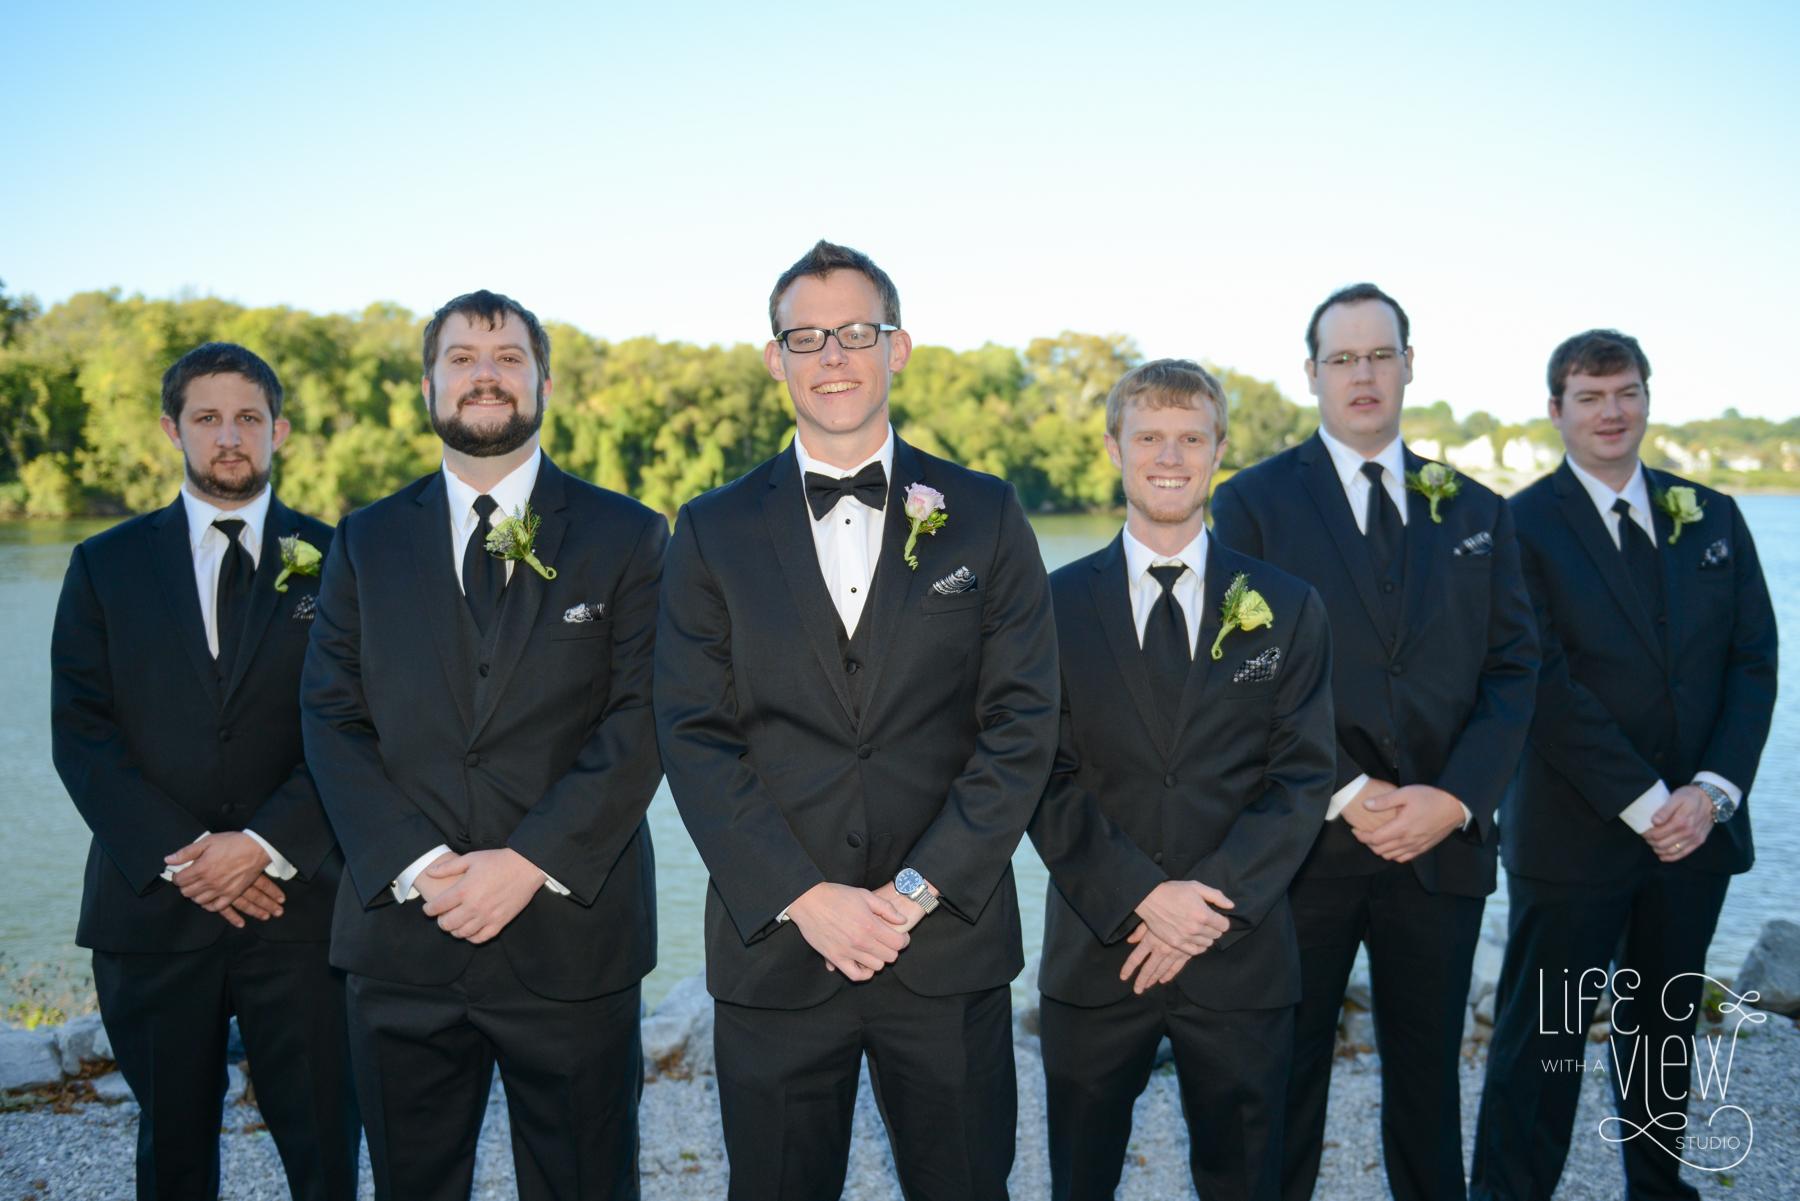 Manker-Patten-Wedding-43.jpg